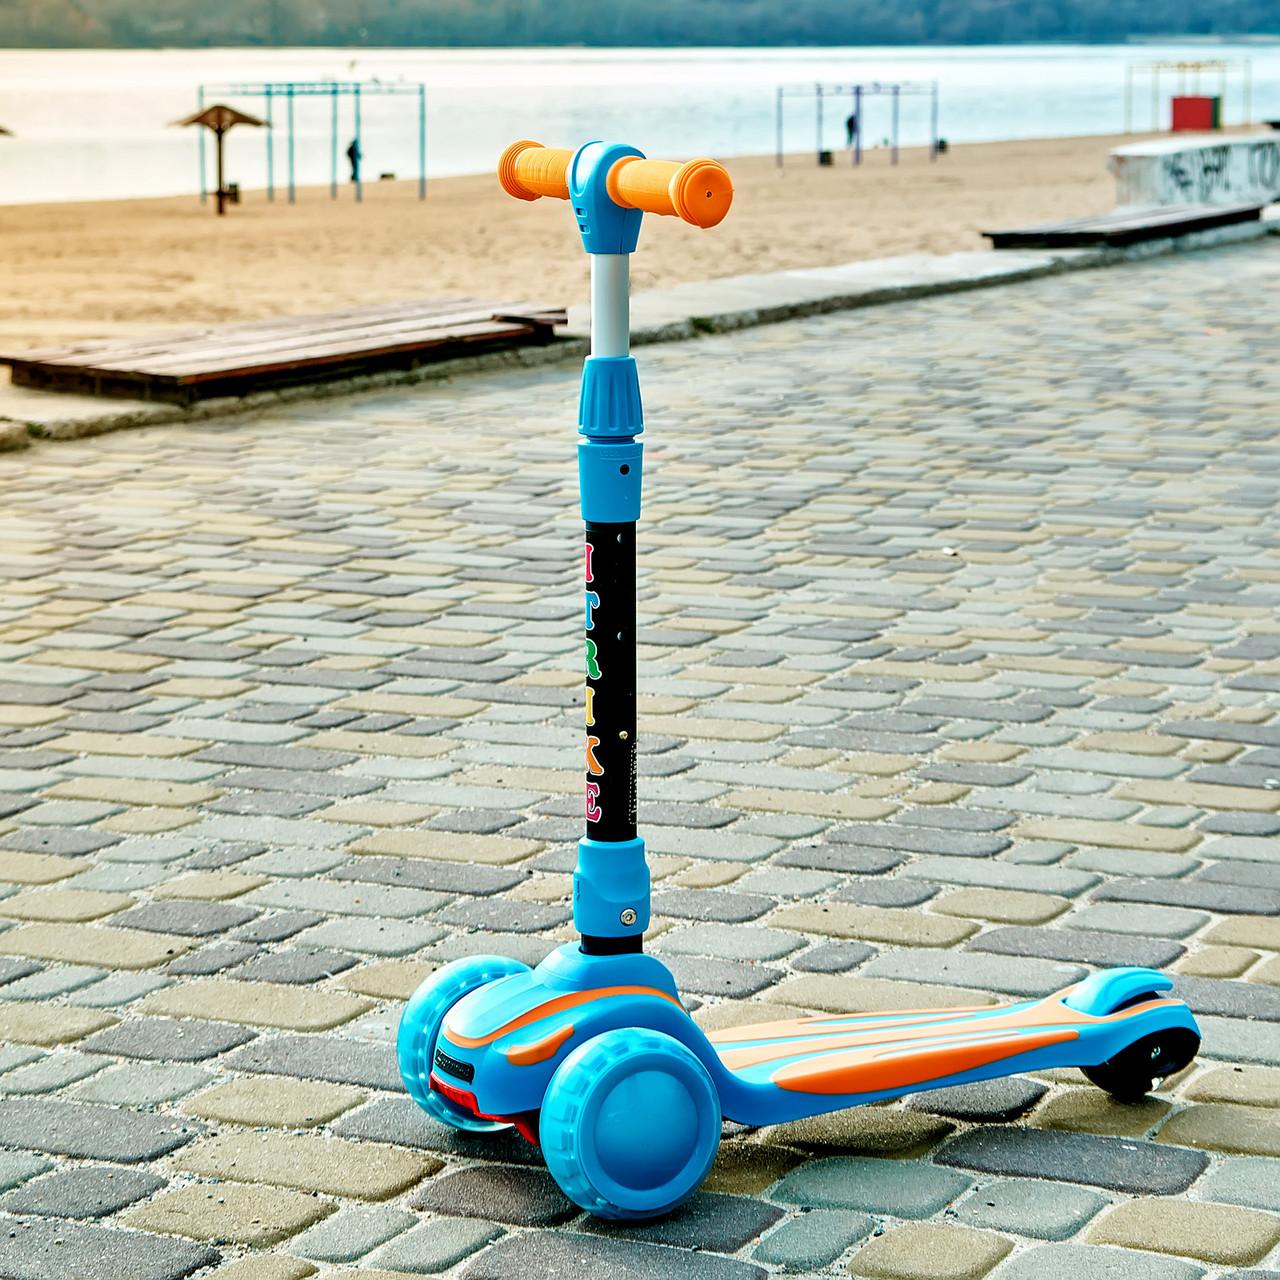 Самокат детский складной трехколесный SPORT KIDS 2585 со светящимися колесами Голубой